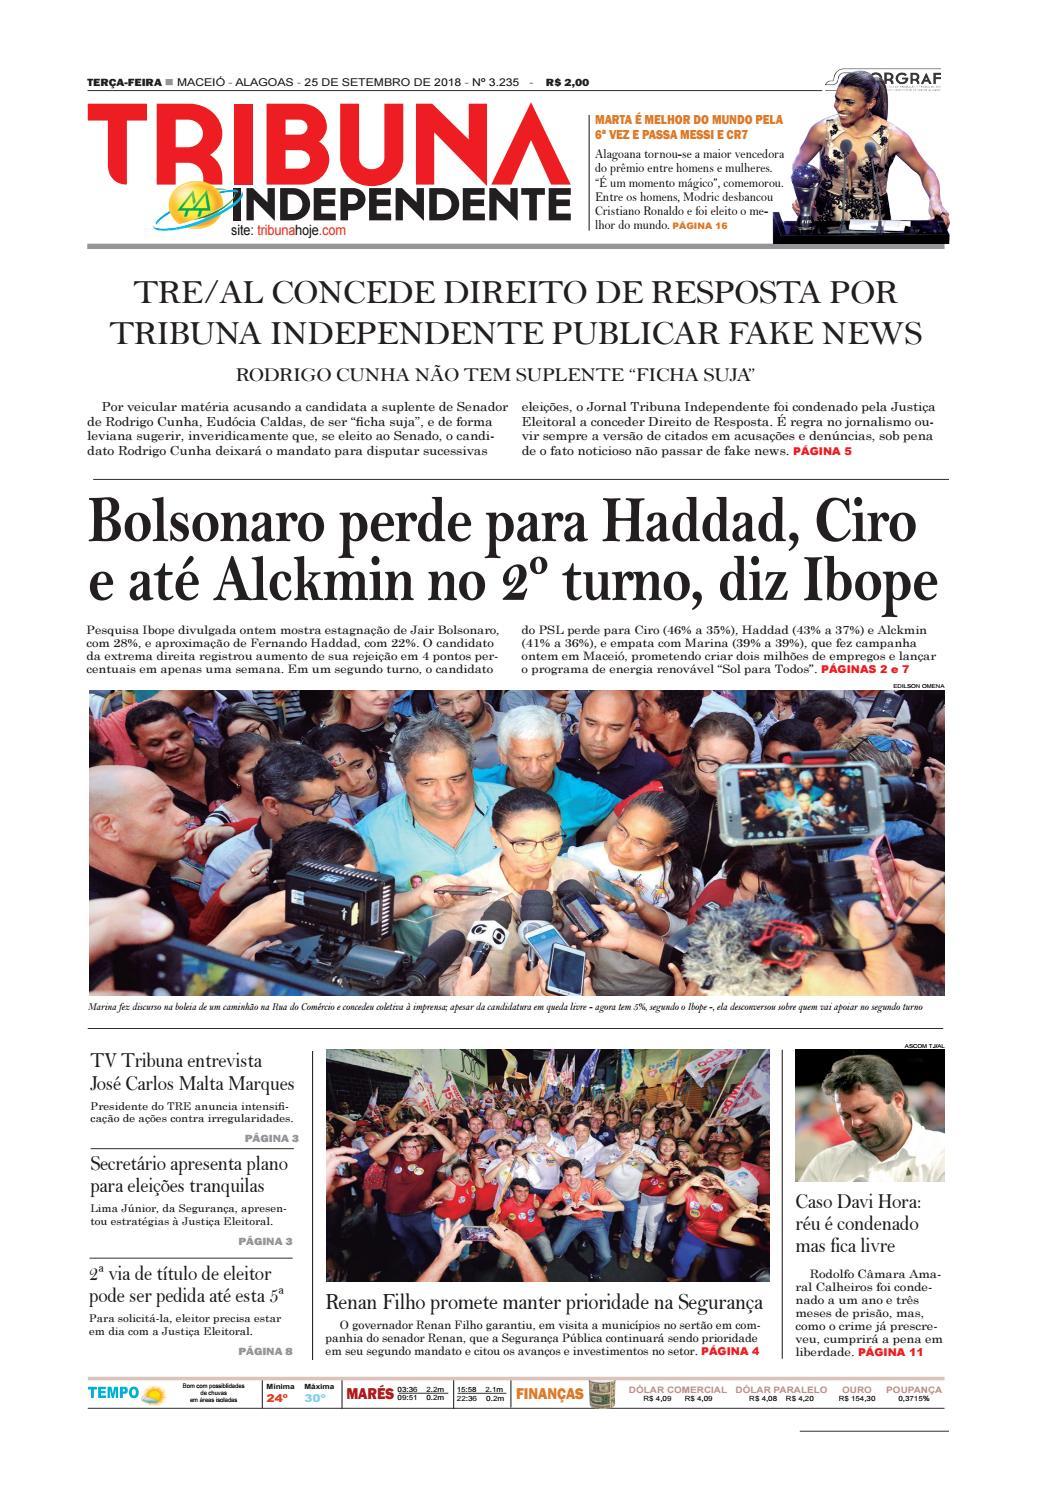 67229d61516 Edição número 3235 - 25 de setembro de 2018 by Tribuna Hoje - issuu